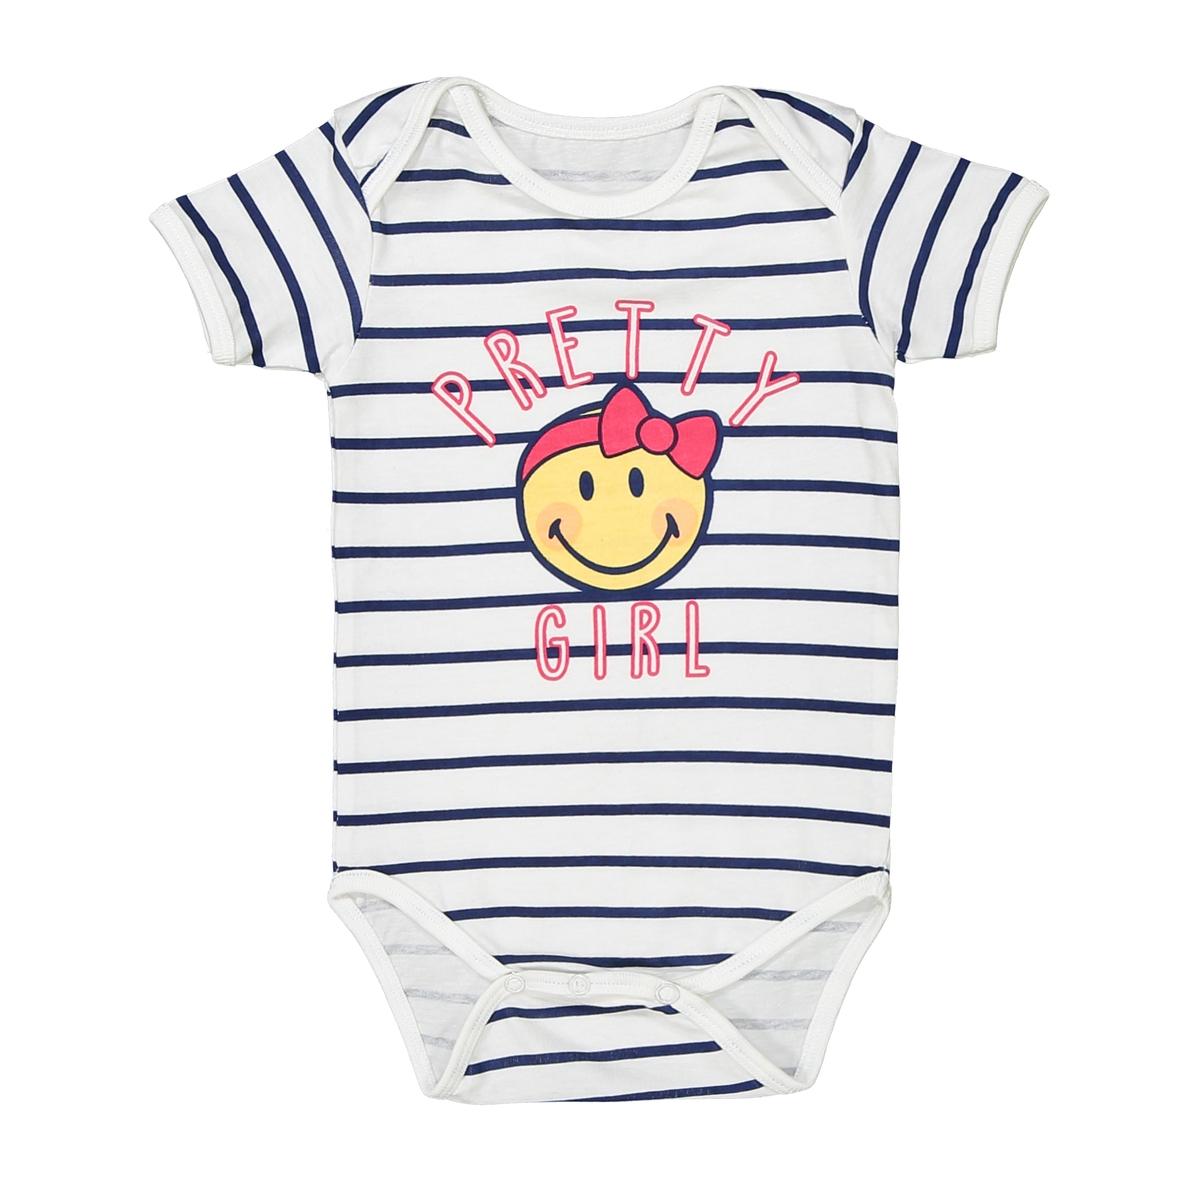 Боди для новорожденного из хлопка short smiley